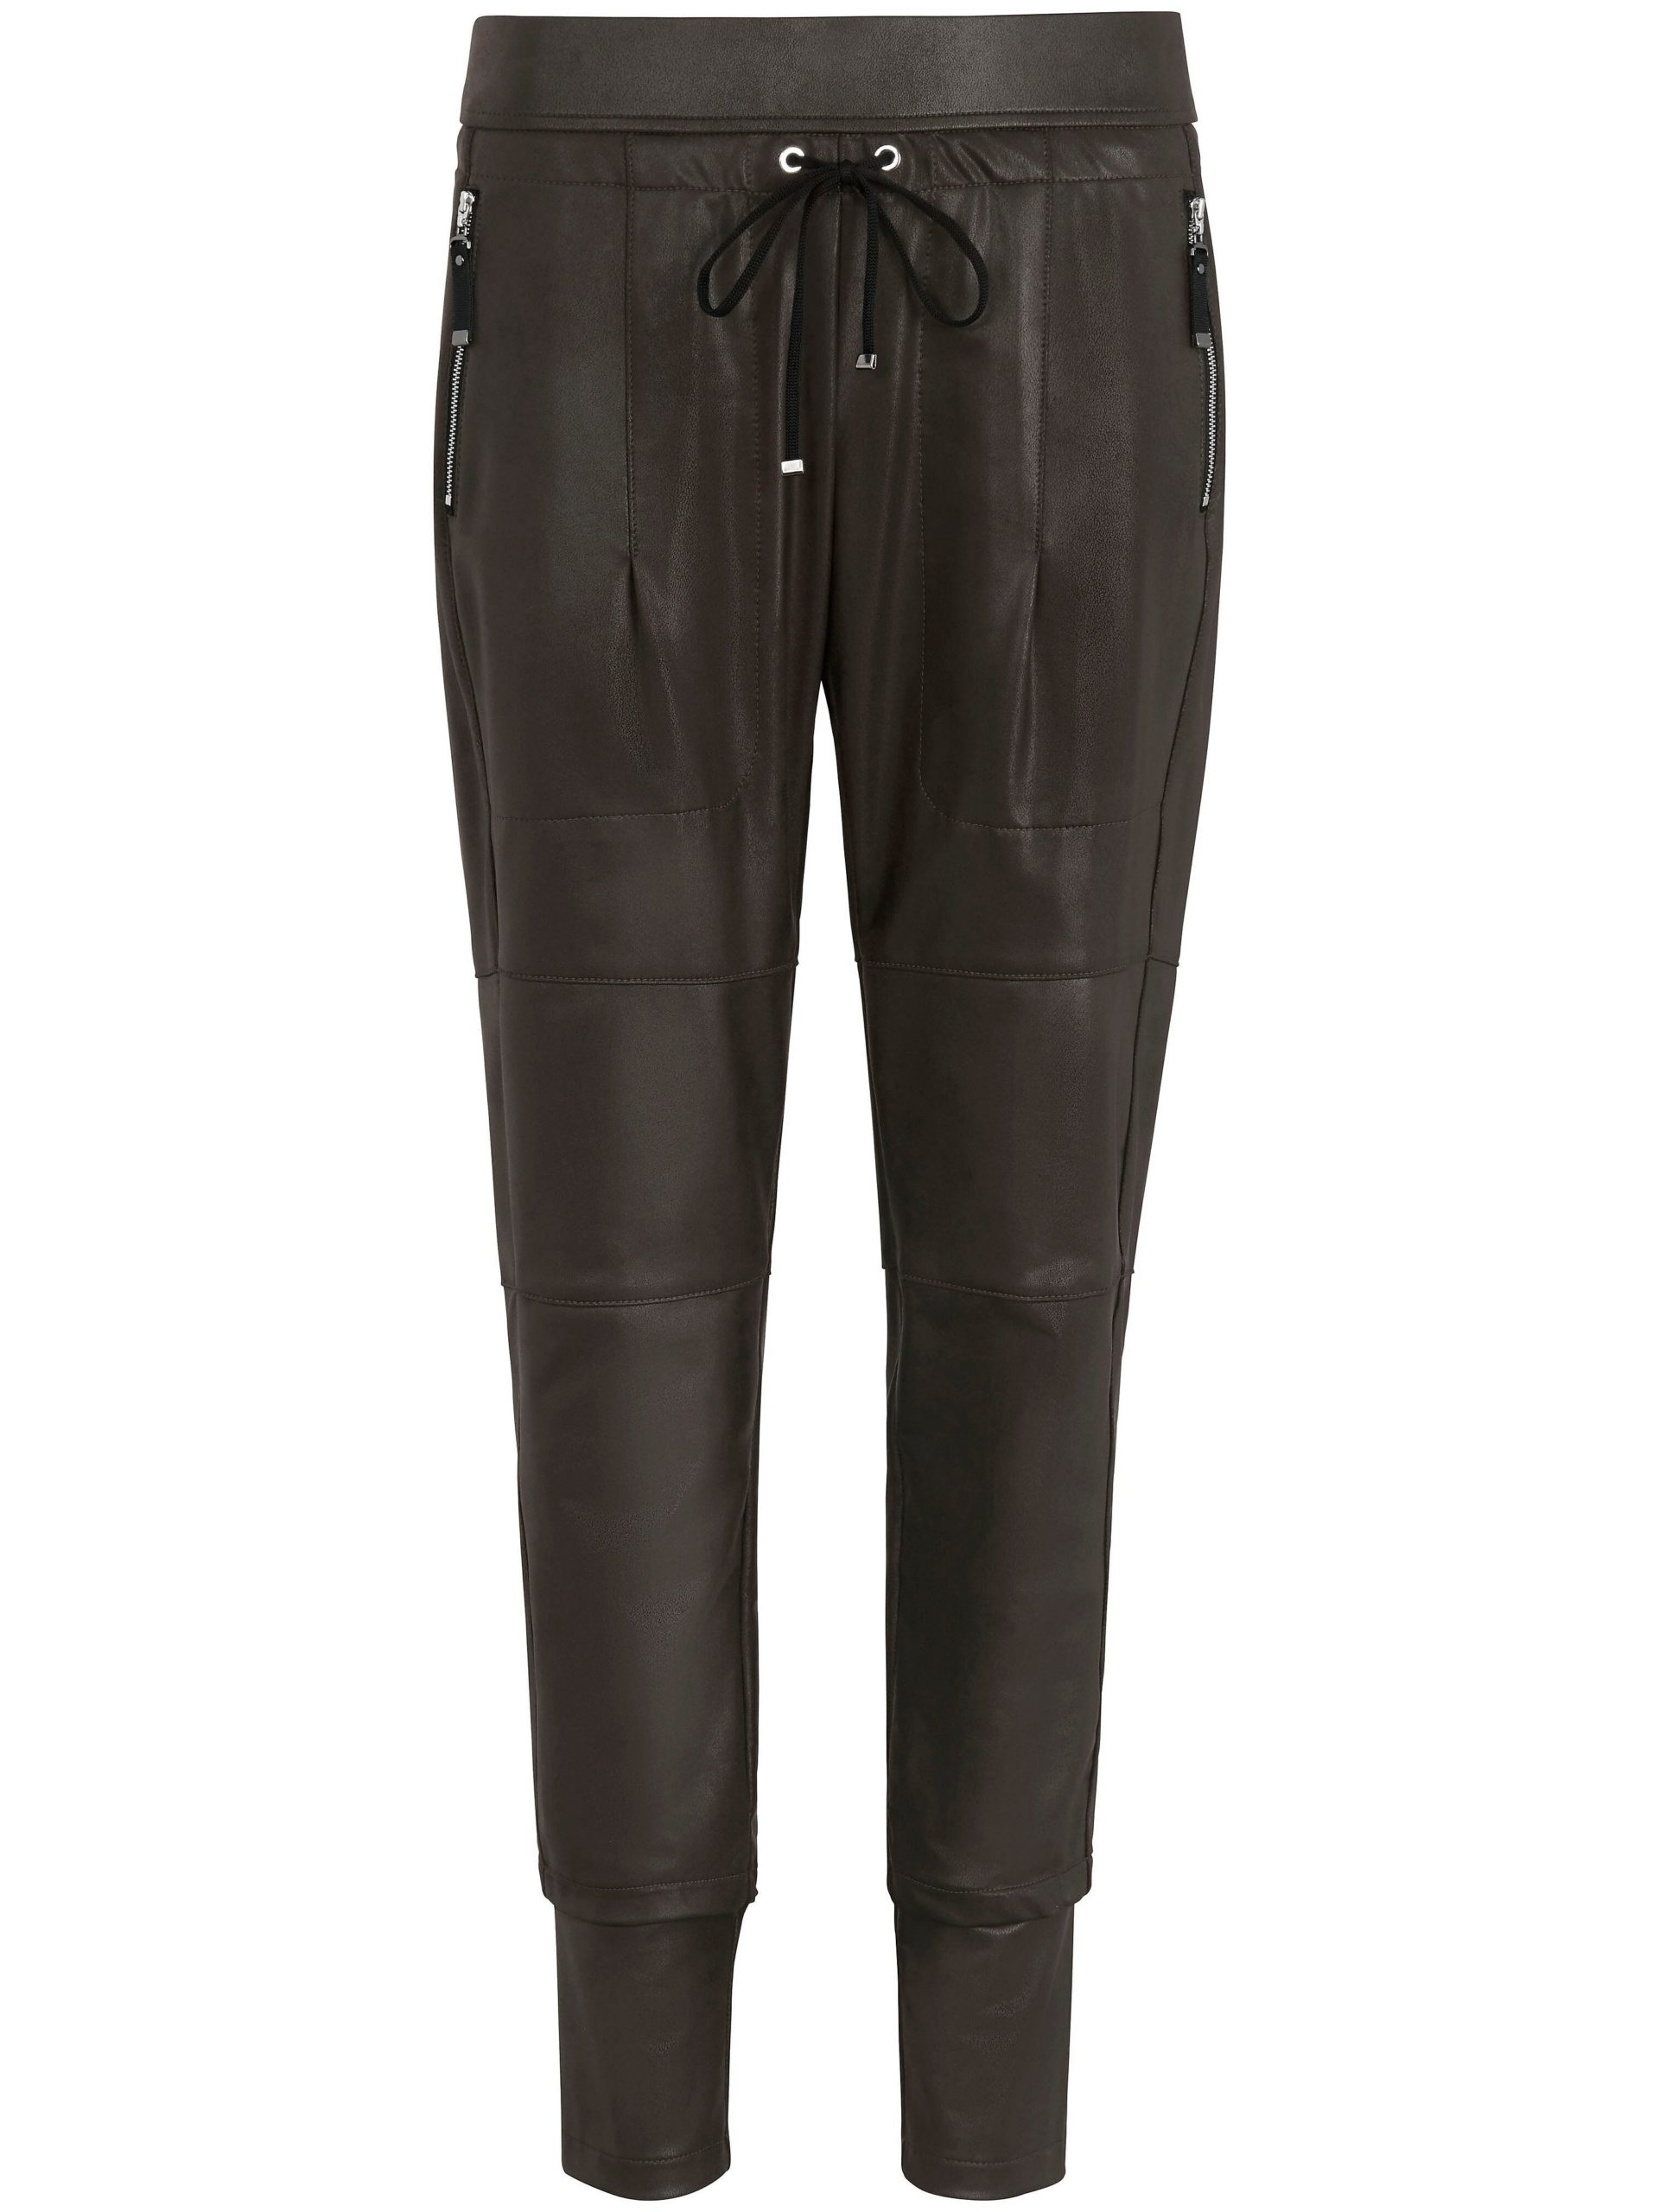 Enkellange broek, model Candy Van Raffaello Rossi groen Kopen